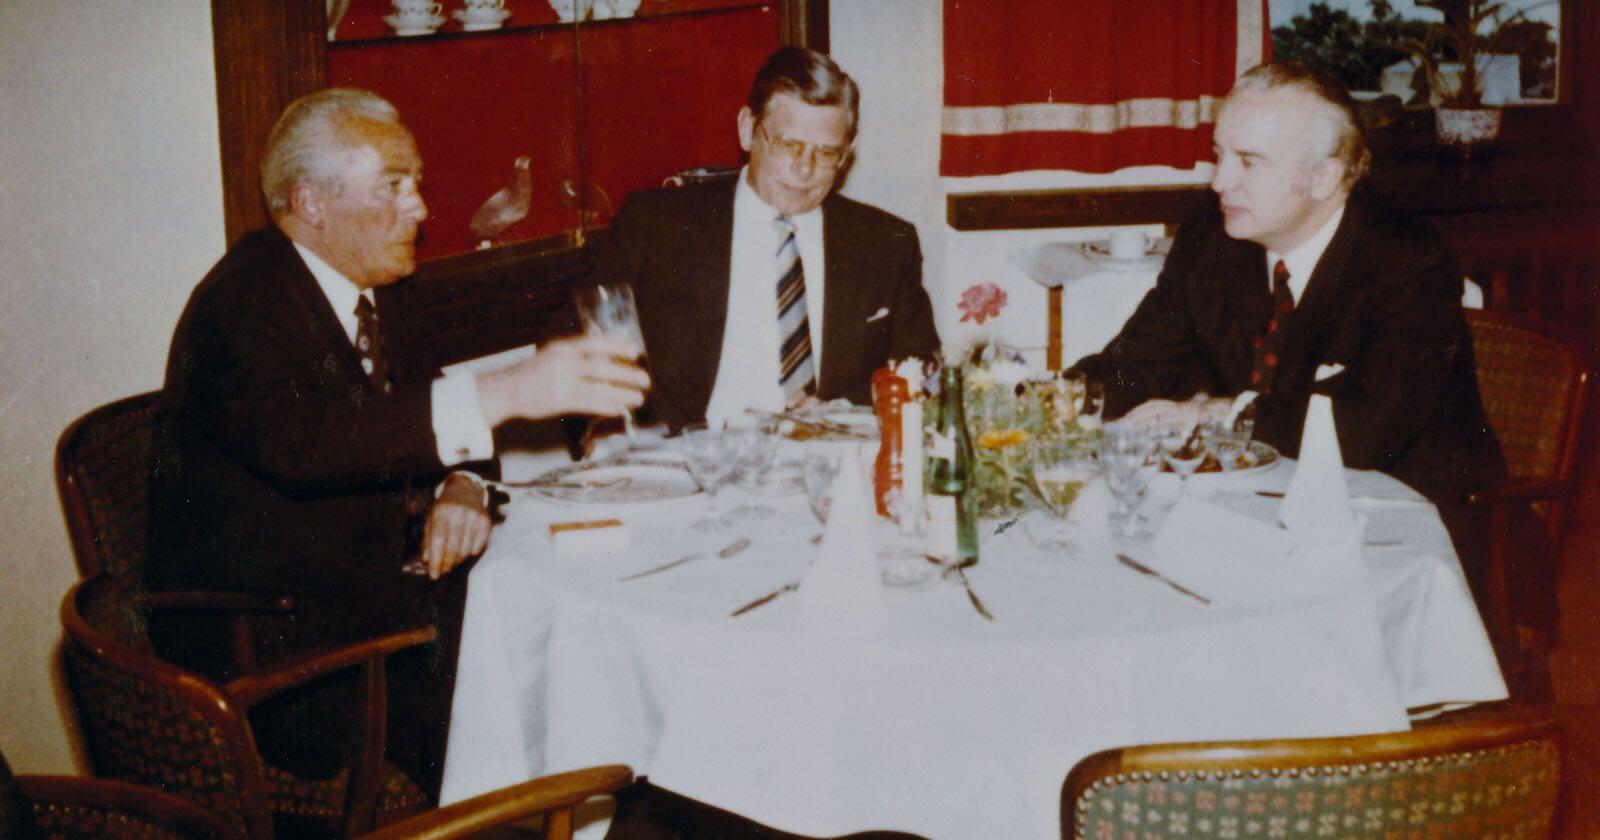 Siegfried Jung, Friedrich Berker und Werner Giersiepen